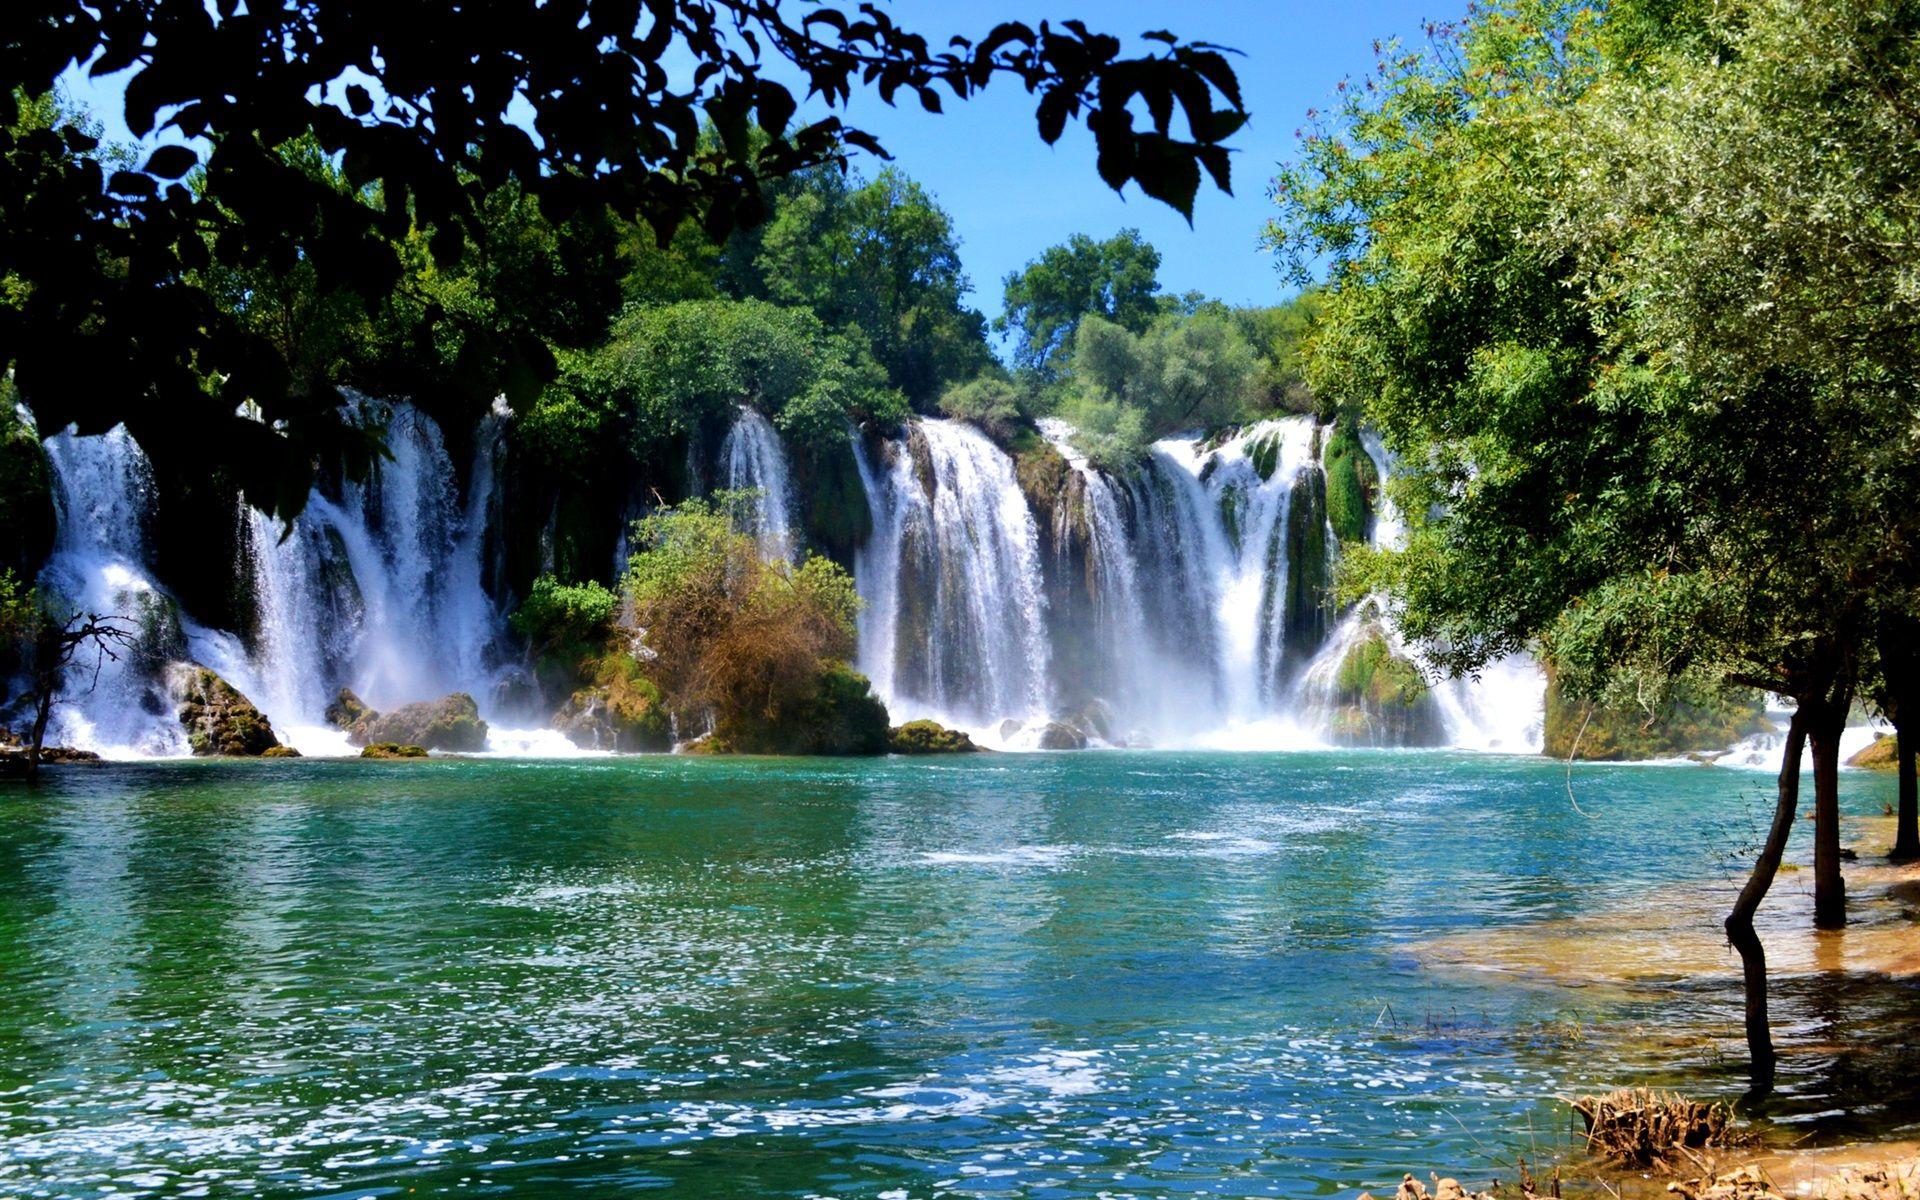 Bosnie Herzegovine Cascades Arbres Fonds D Ecran 1920x1200 Fond D Ecran Cascade Fond Ecran Paysage